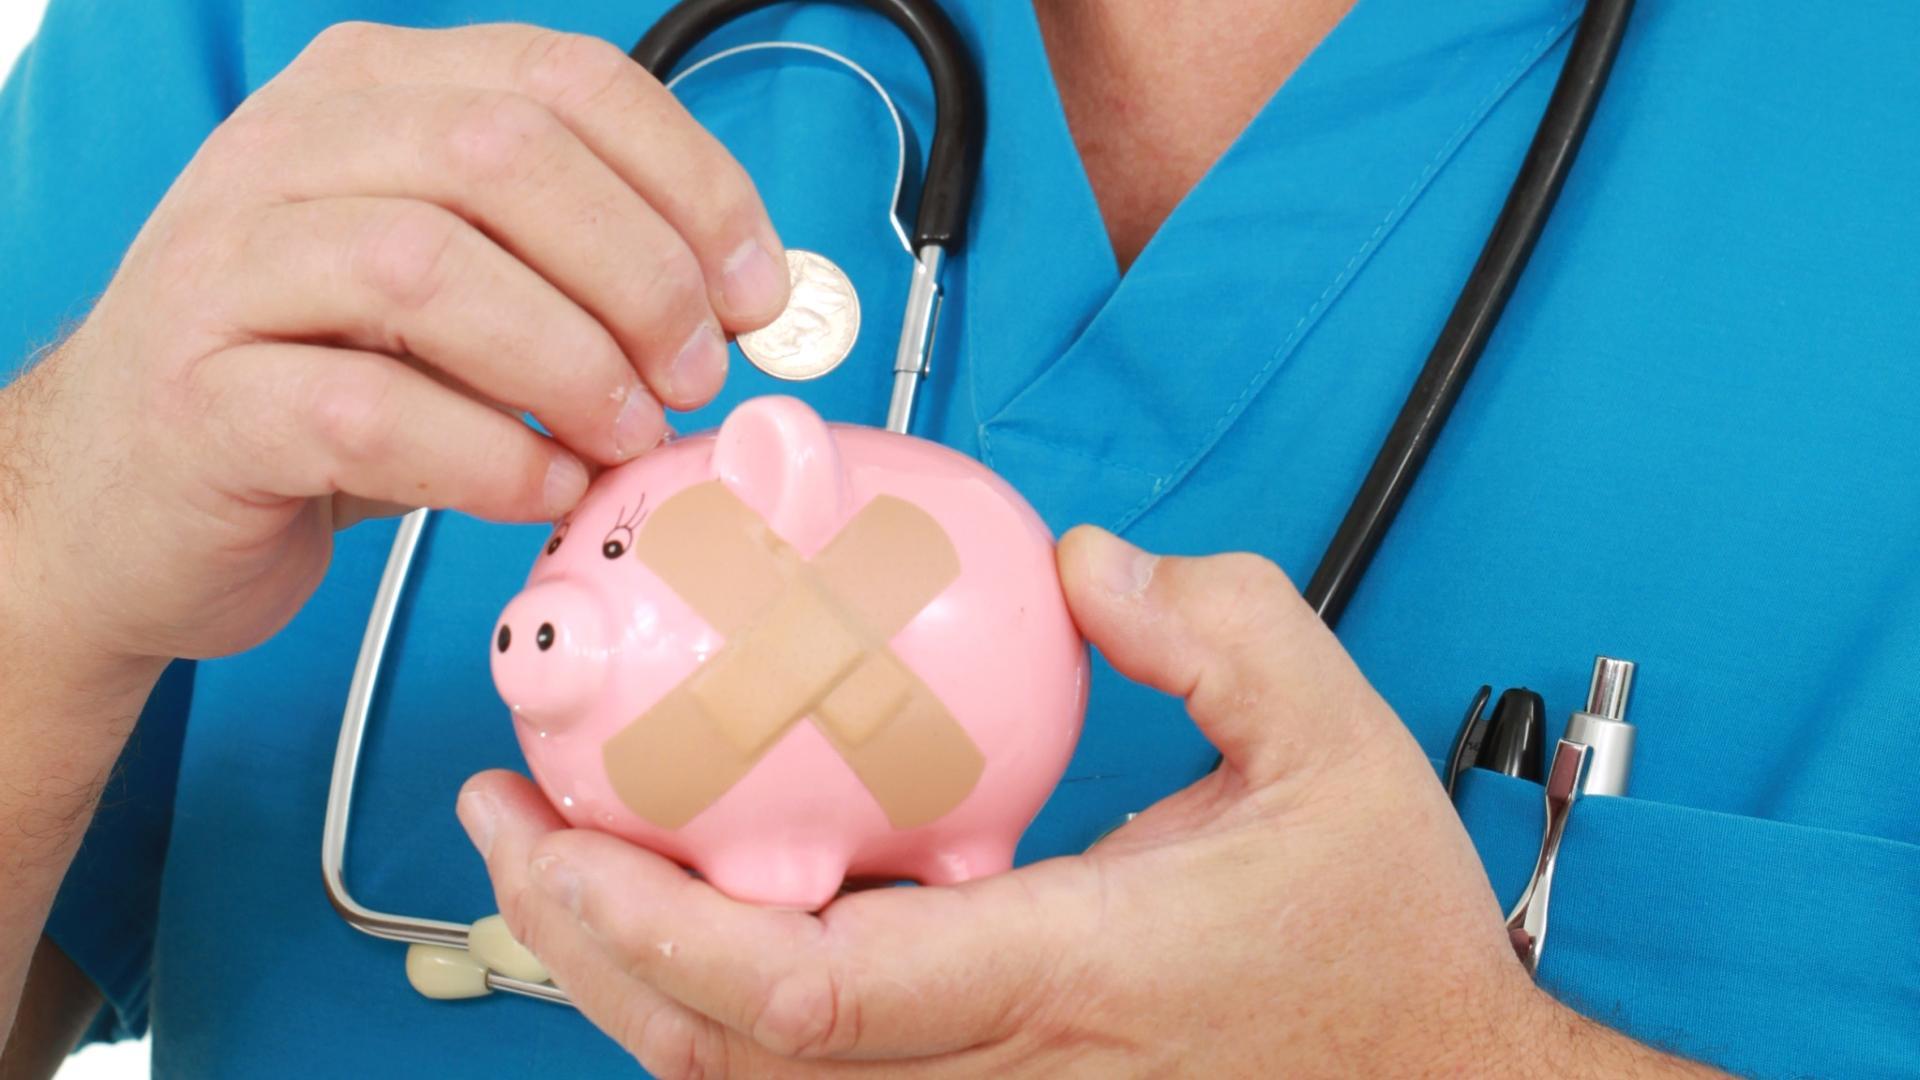 В Брянске оплатить лечение пациента предложили врачам